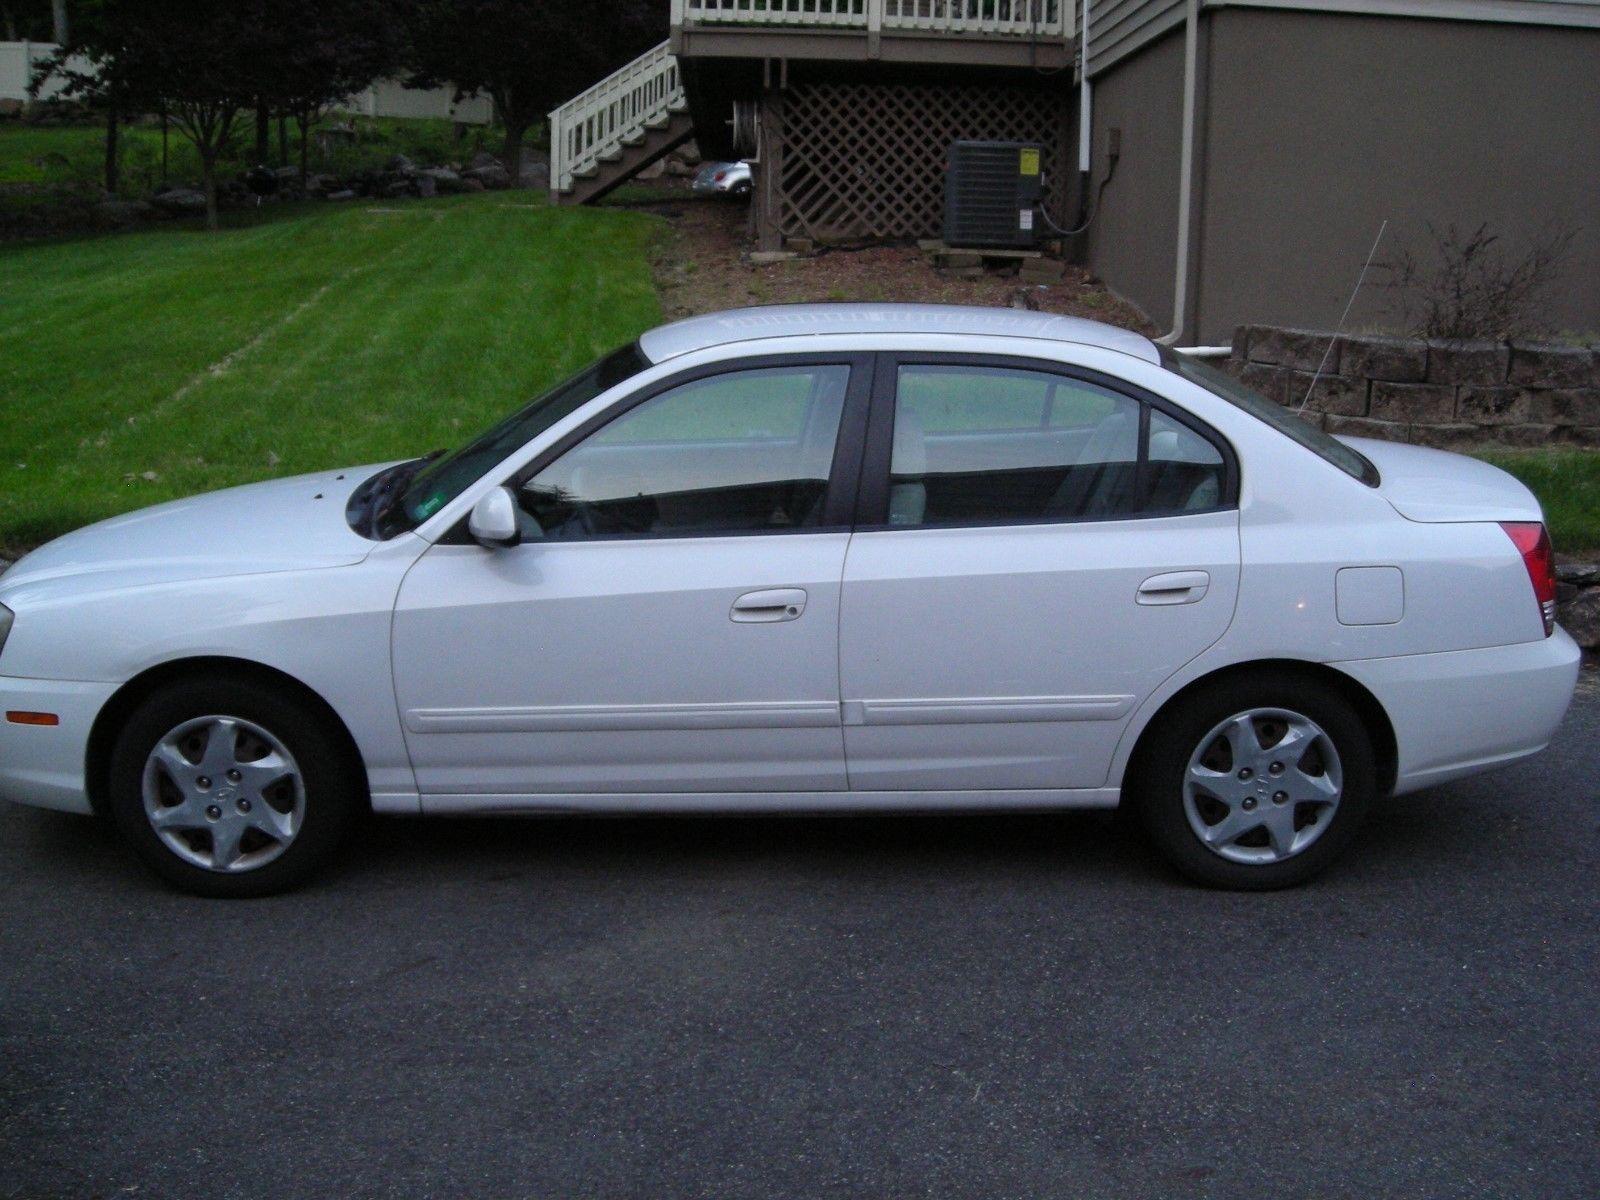 EBay: 2005 Hyundai Elantra 2005 HYUNDAI ELANTRA GLS 4 DOOR (GREAT PARTS CAR